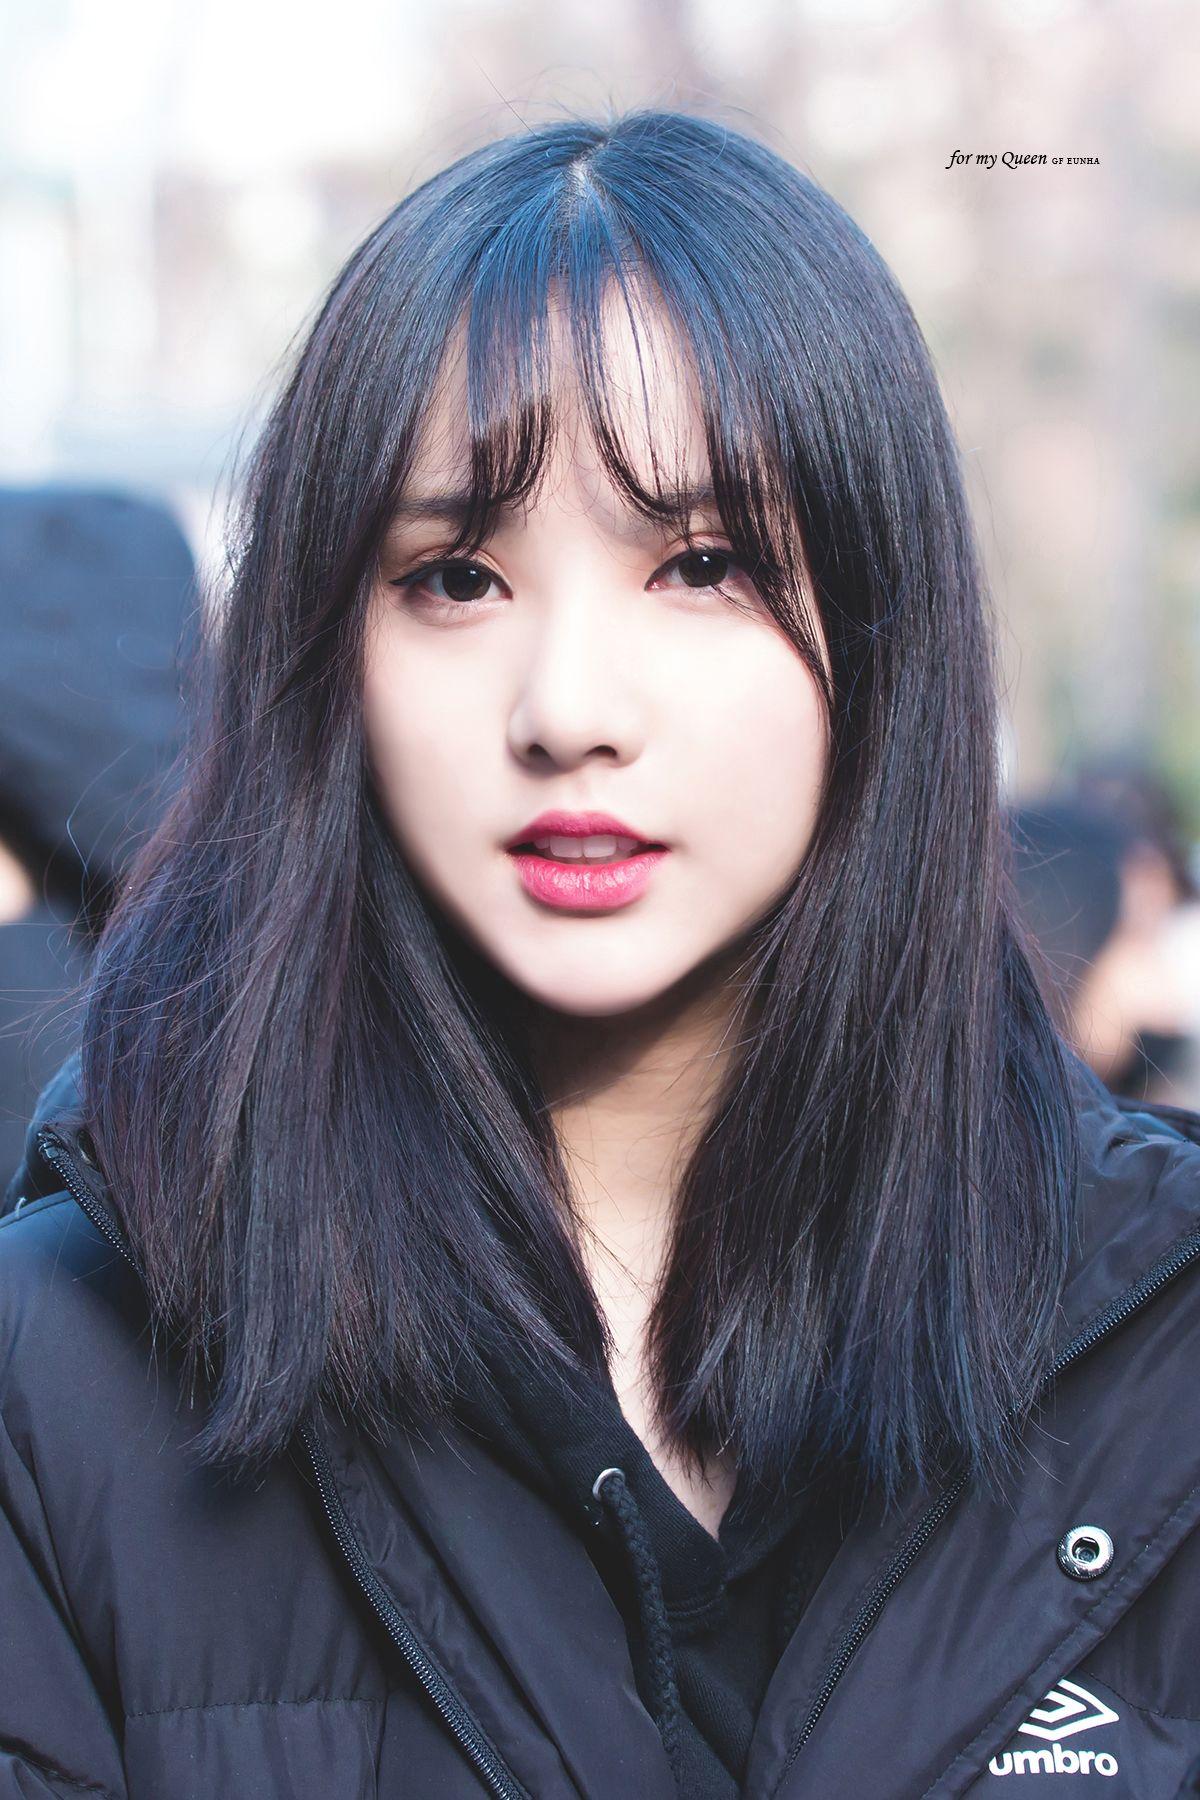 Cringiest Makeup Tutorials Of All Time: #Eunha #GFriend #은하 #여자친구